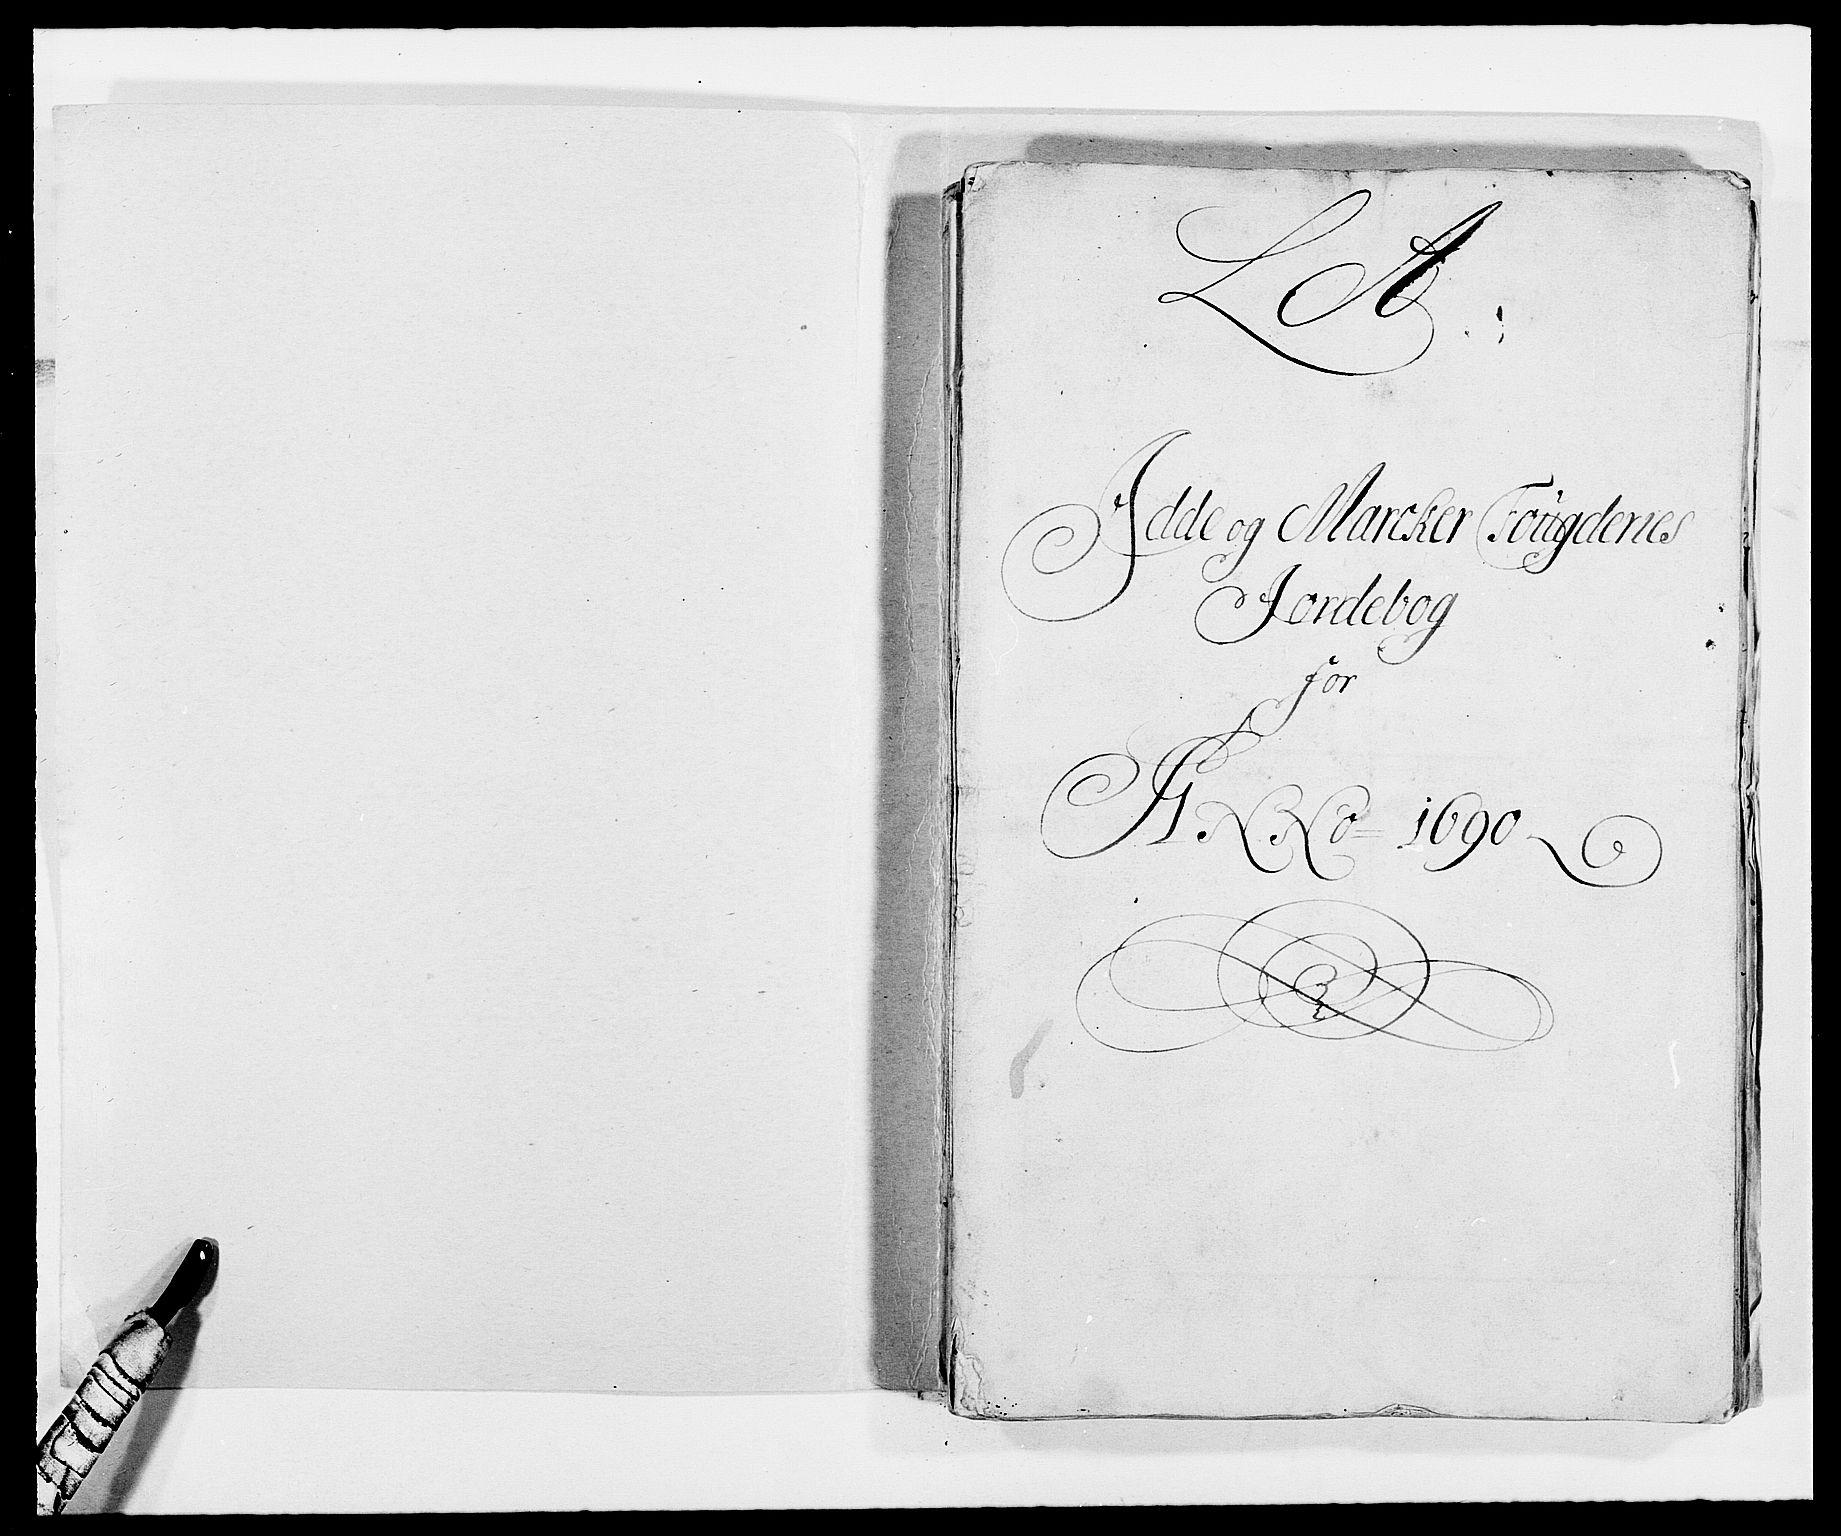 RA, Rentekammeret inntil 1814, Reviderte regnskaper, Fogderegnskap, R01/L0010: Fogderegnskap Idd og Marker, 1690-1691, s. 167